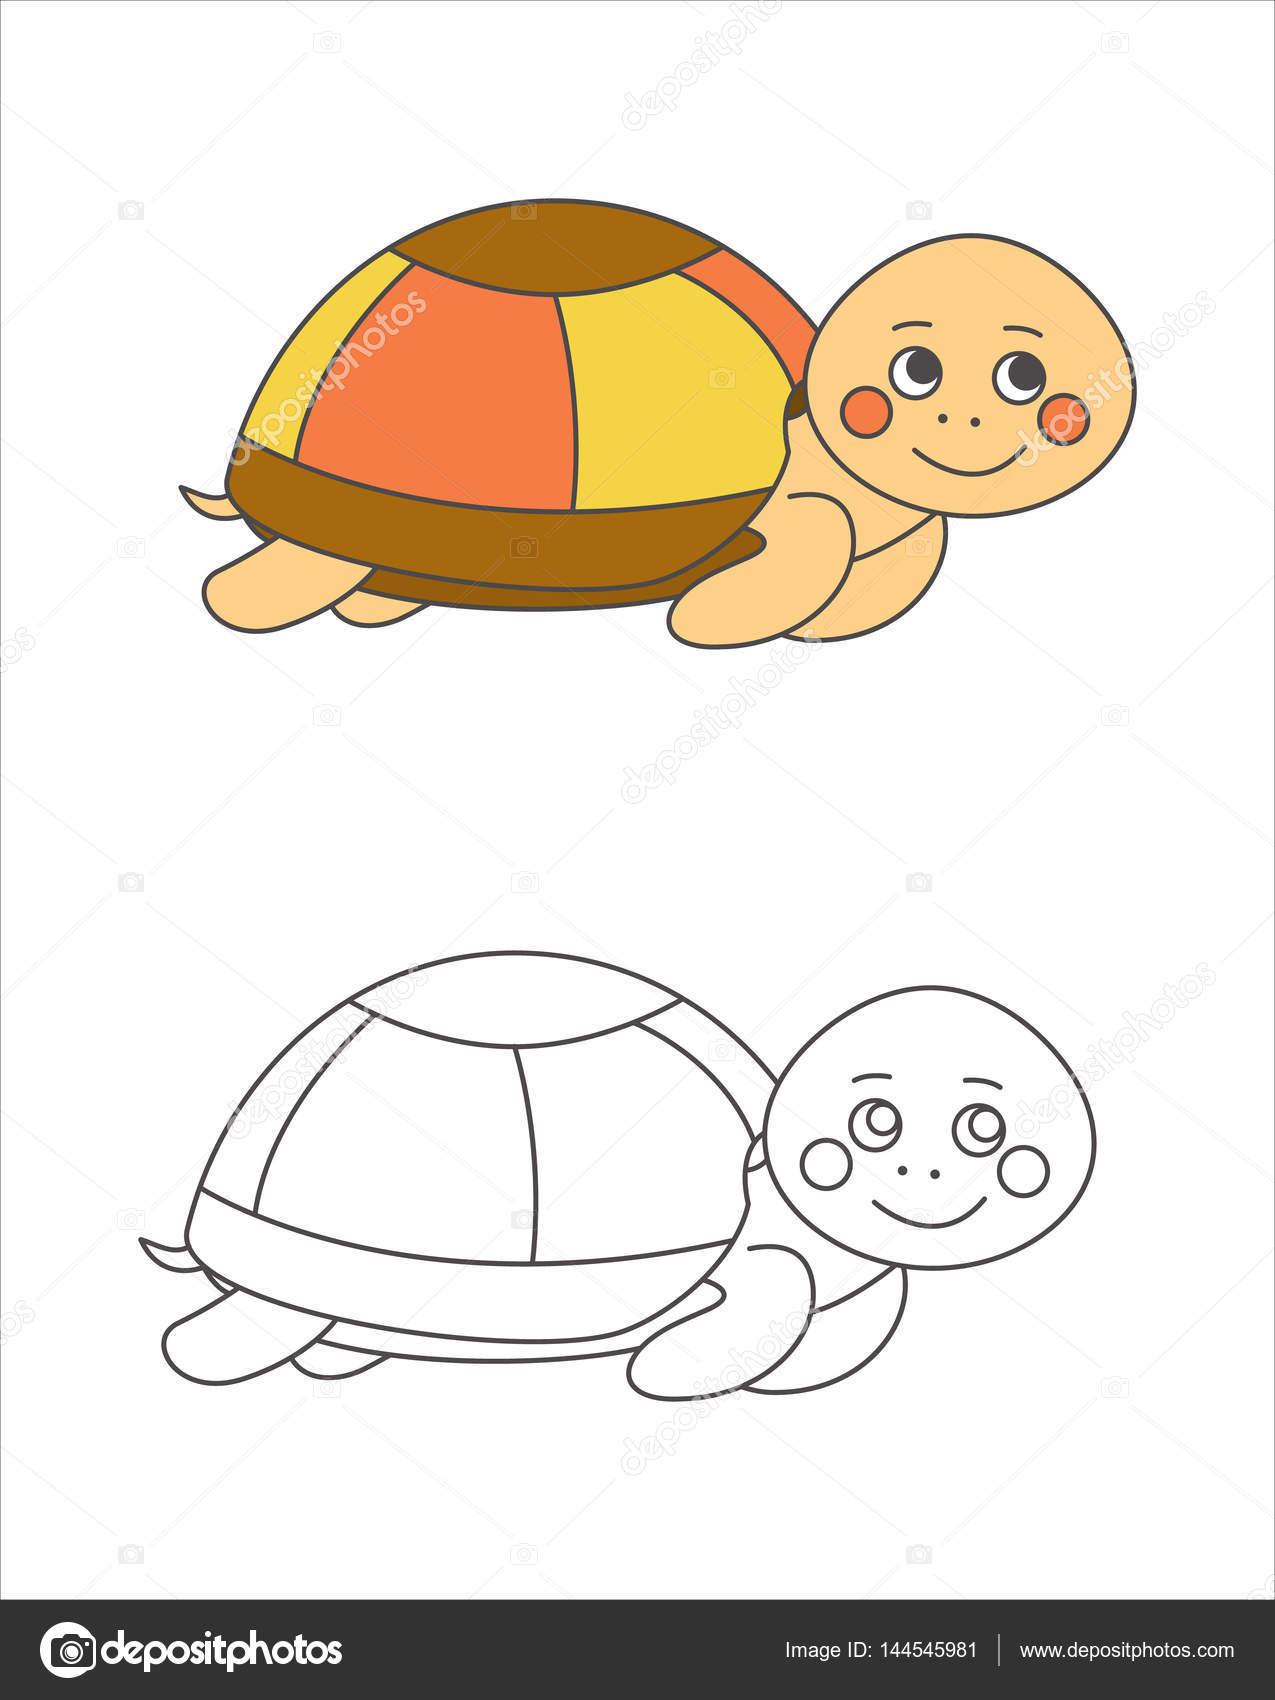 Tortugas para colorear libro — Archivo Imágenes Vectoriales ...